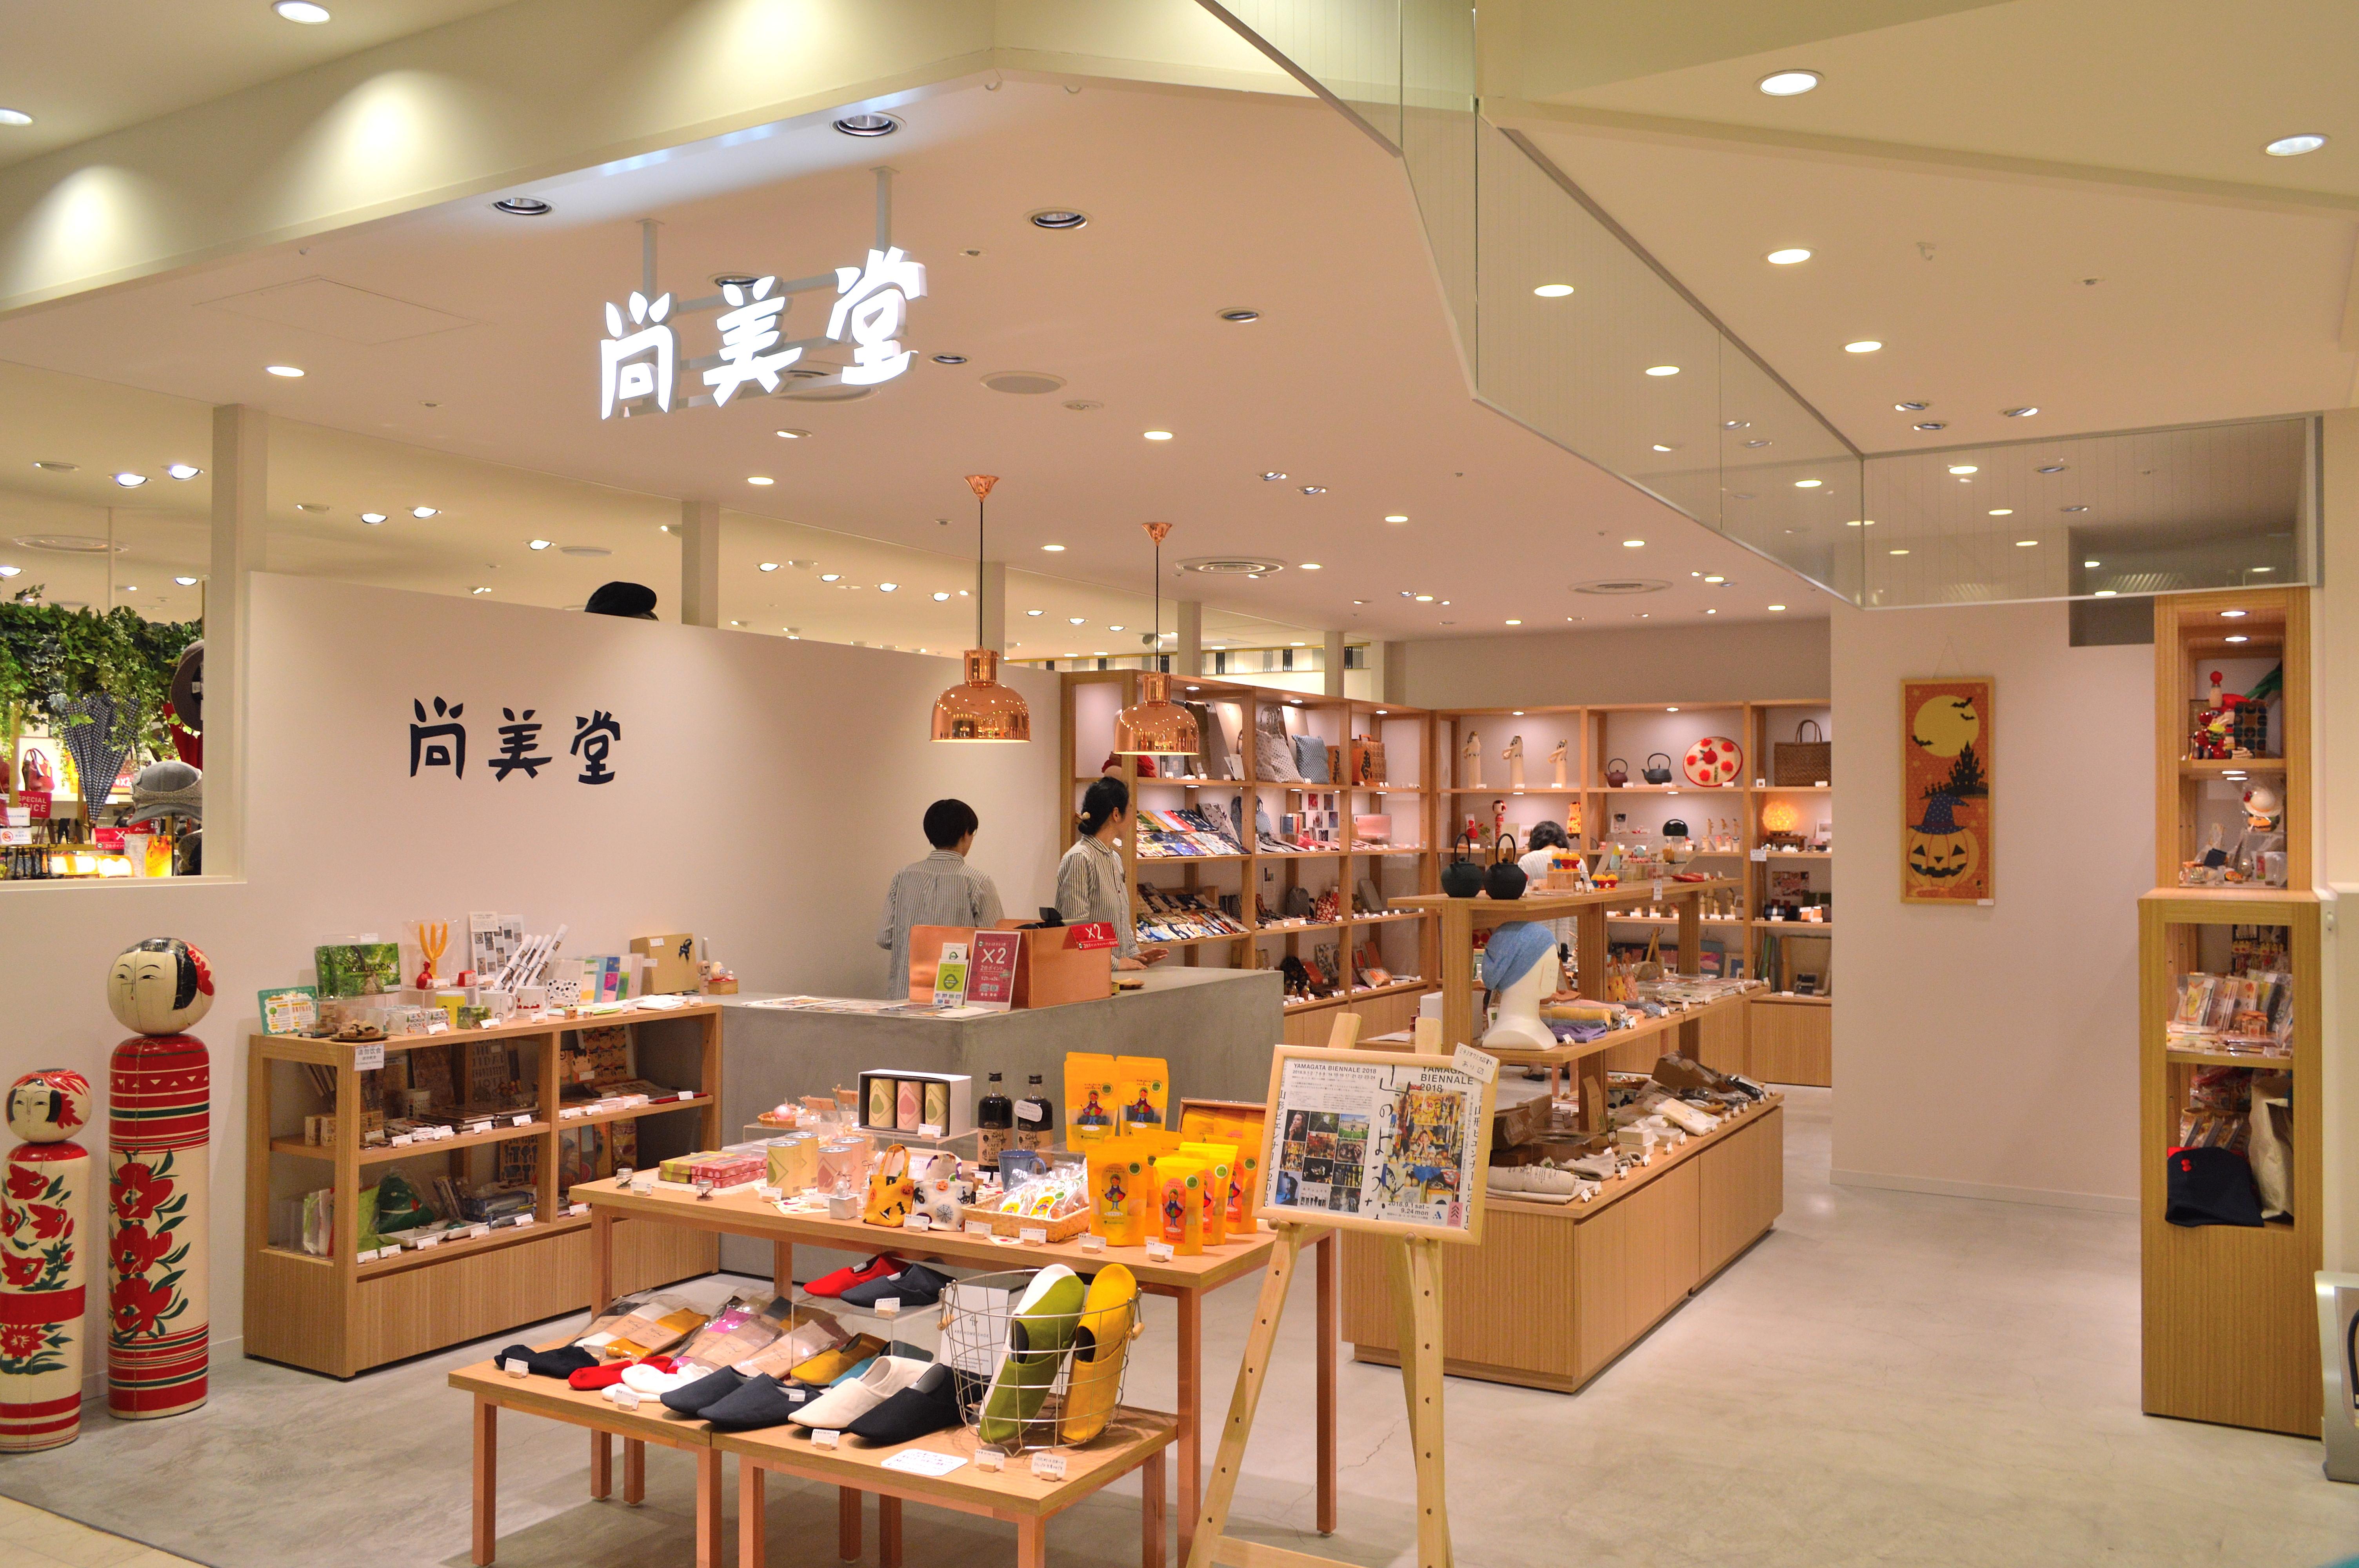 【寄稿記事紹介】尚美堂|山形の「モノ」土産におすすめのお店